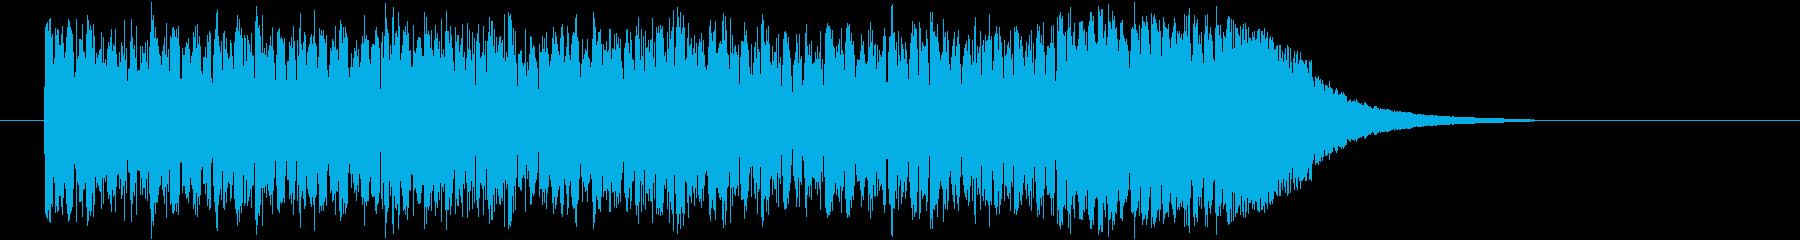 シンセイサイザーと笛の和風テクノの再生済みの波形